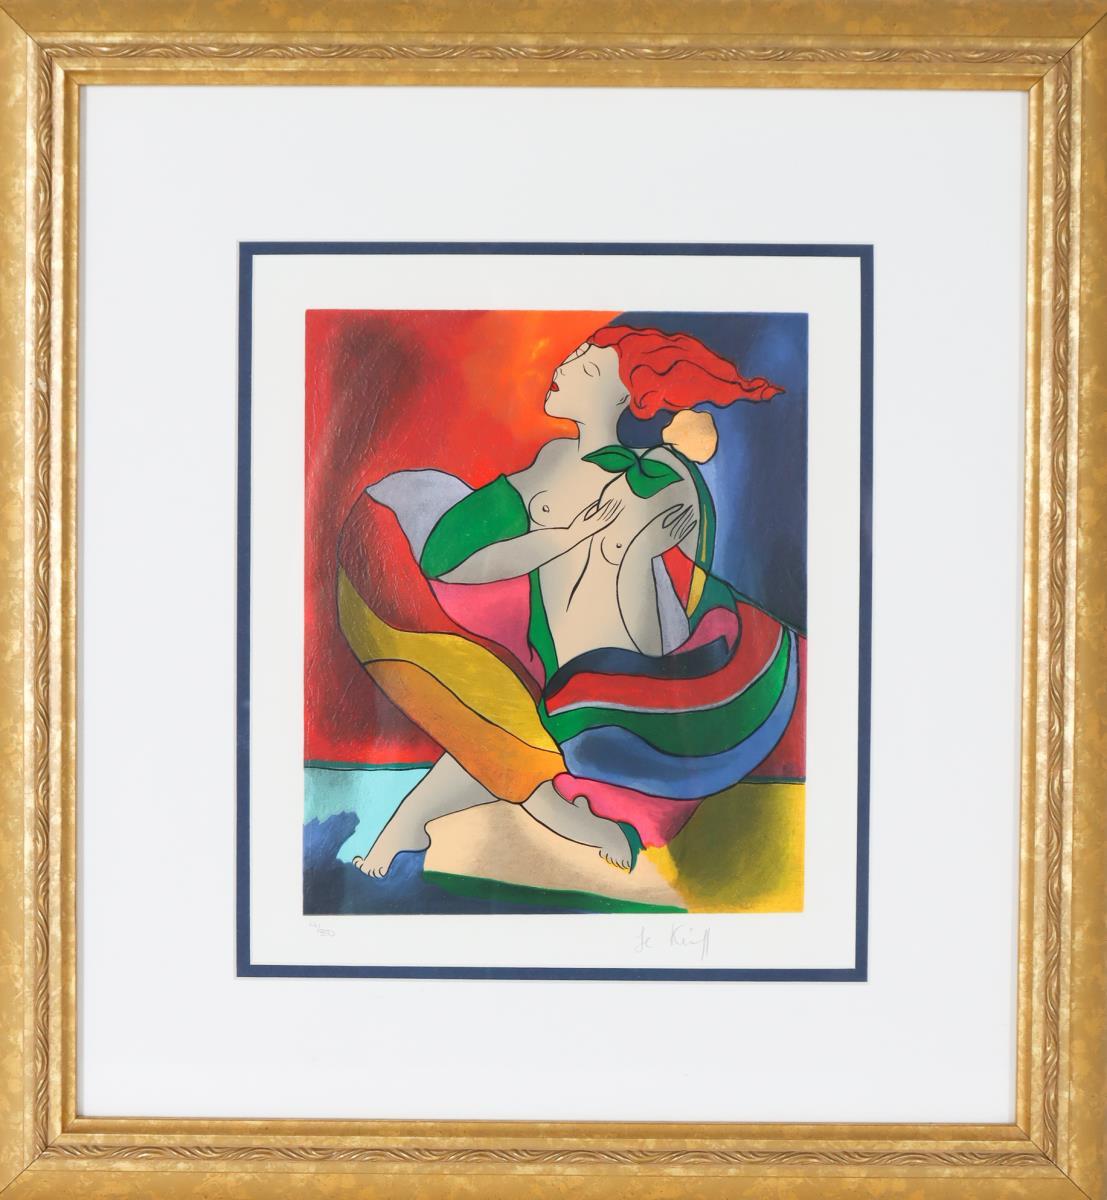 Linda Le Kinff (Born 1949) - Image 2 of 4